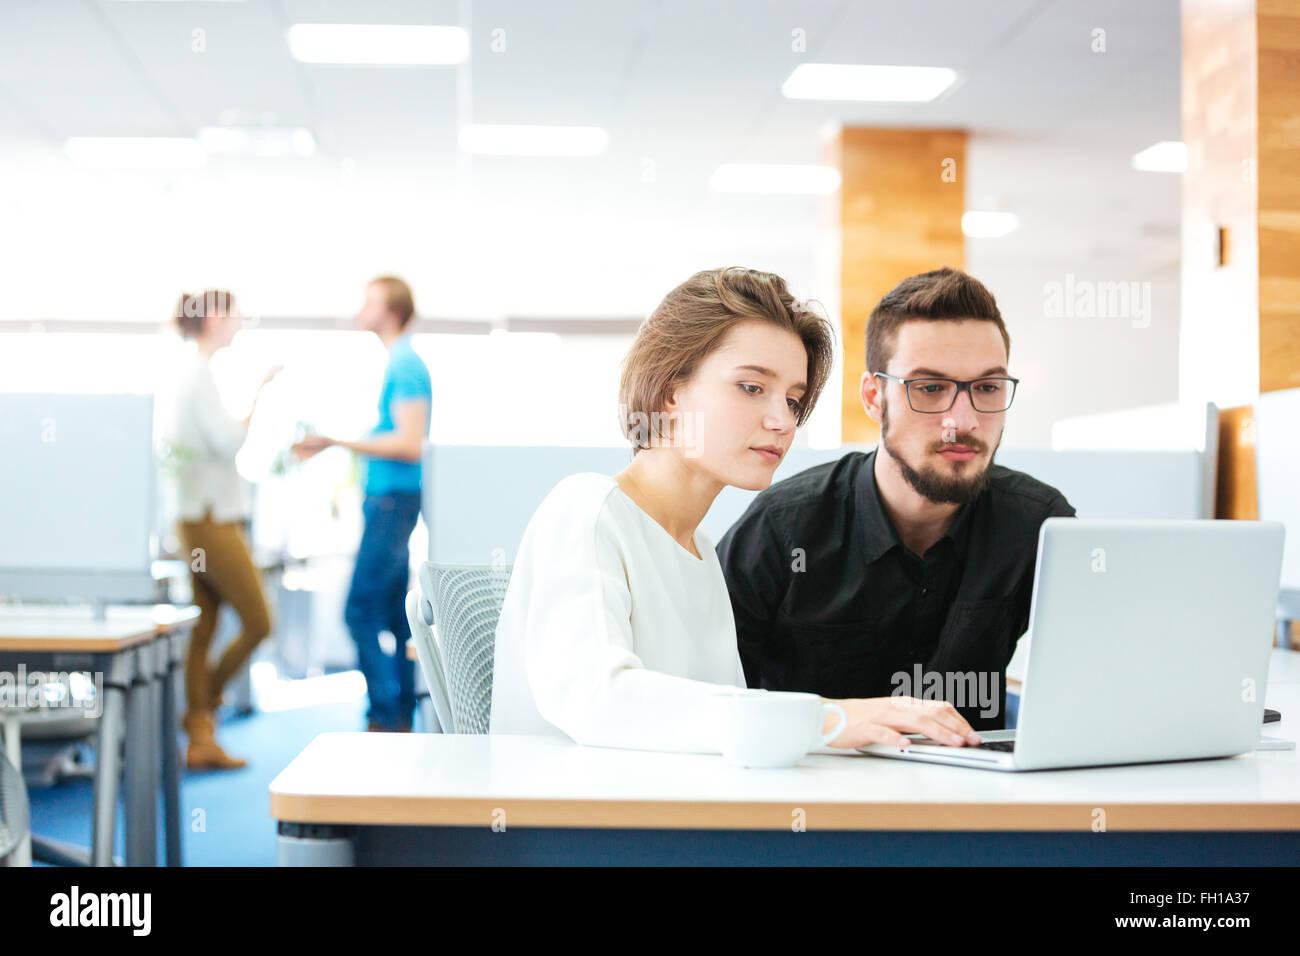 Serious konzentriert, junger Mann und Frau sitzen und arbeiten mit Laptop im Büro zusammen Stockbild